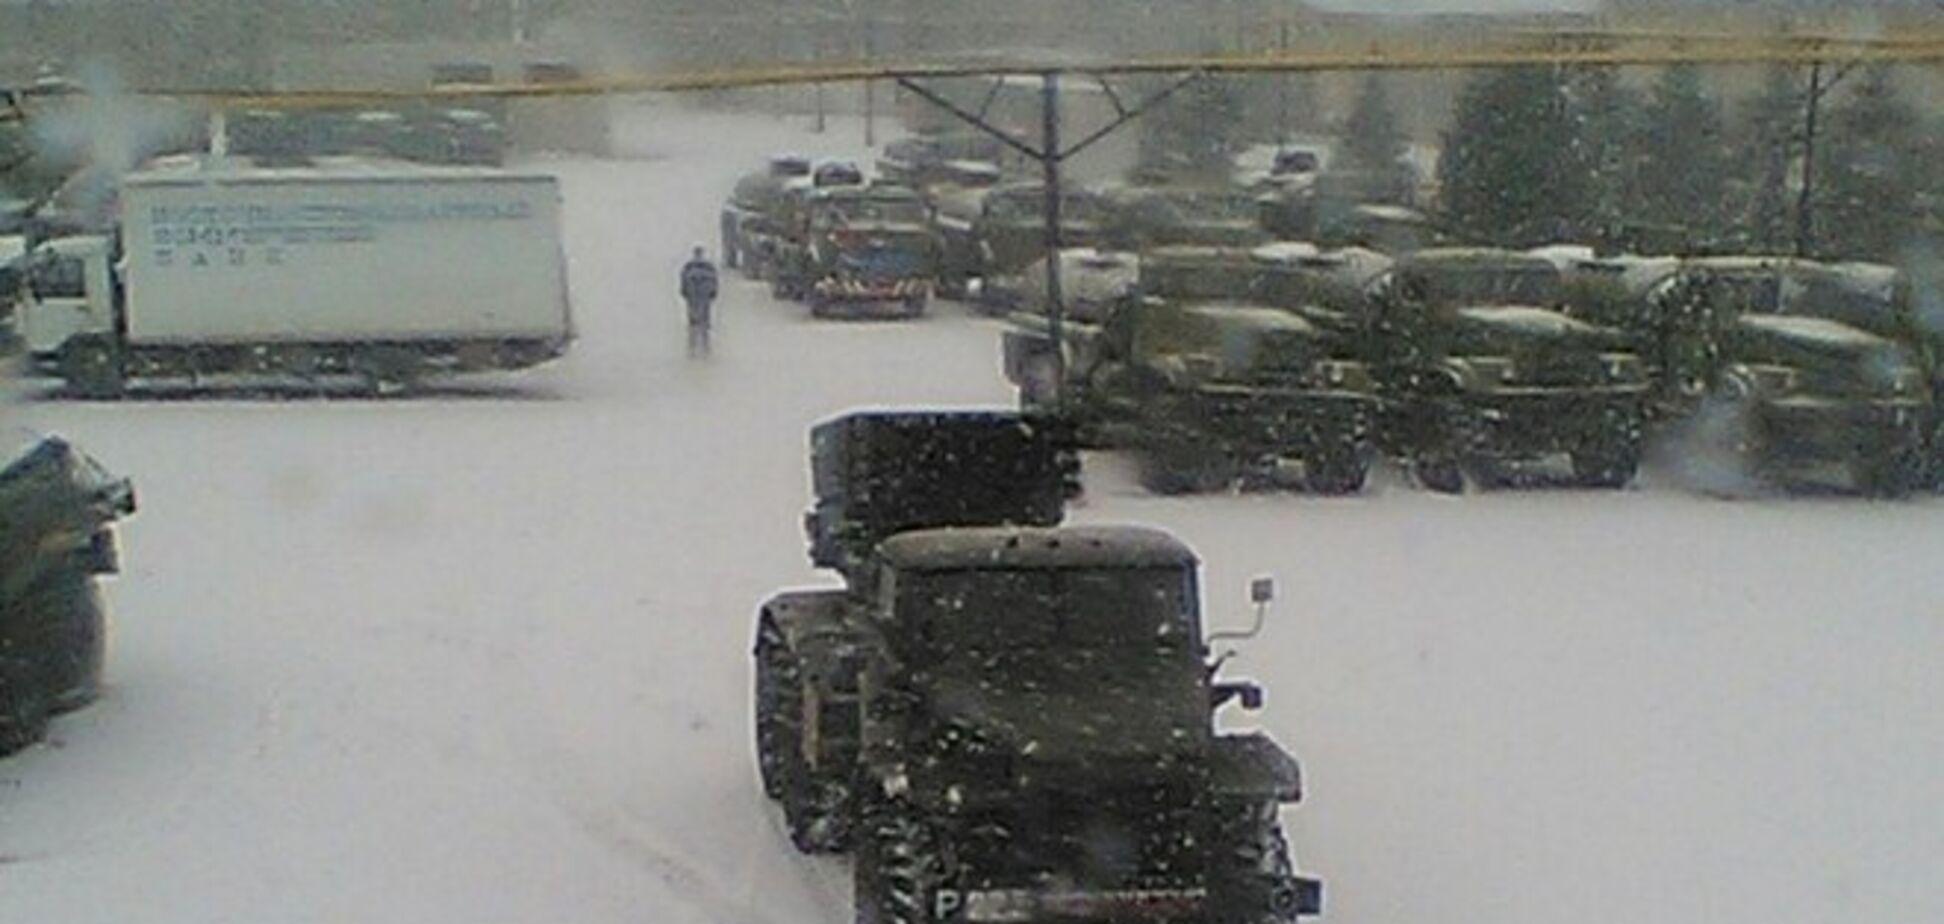 Обнаружена российская военная база в Луганске: 'Грады' стоят рядом с 'гумконвоем'. Фотофакты